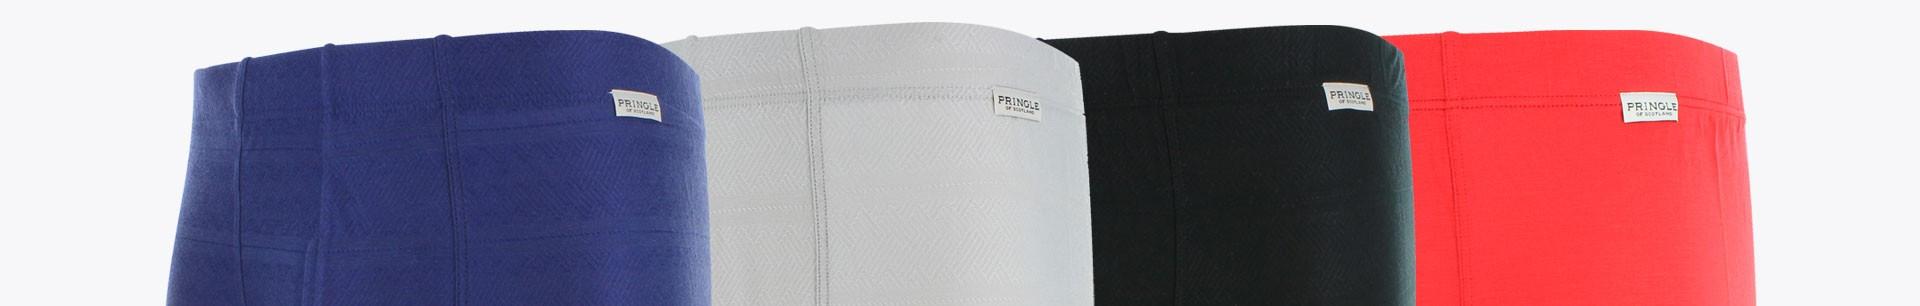 Luxury Men's Underwear | Boxers | Briefs | Trunks